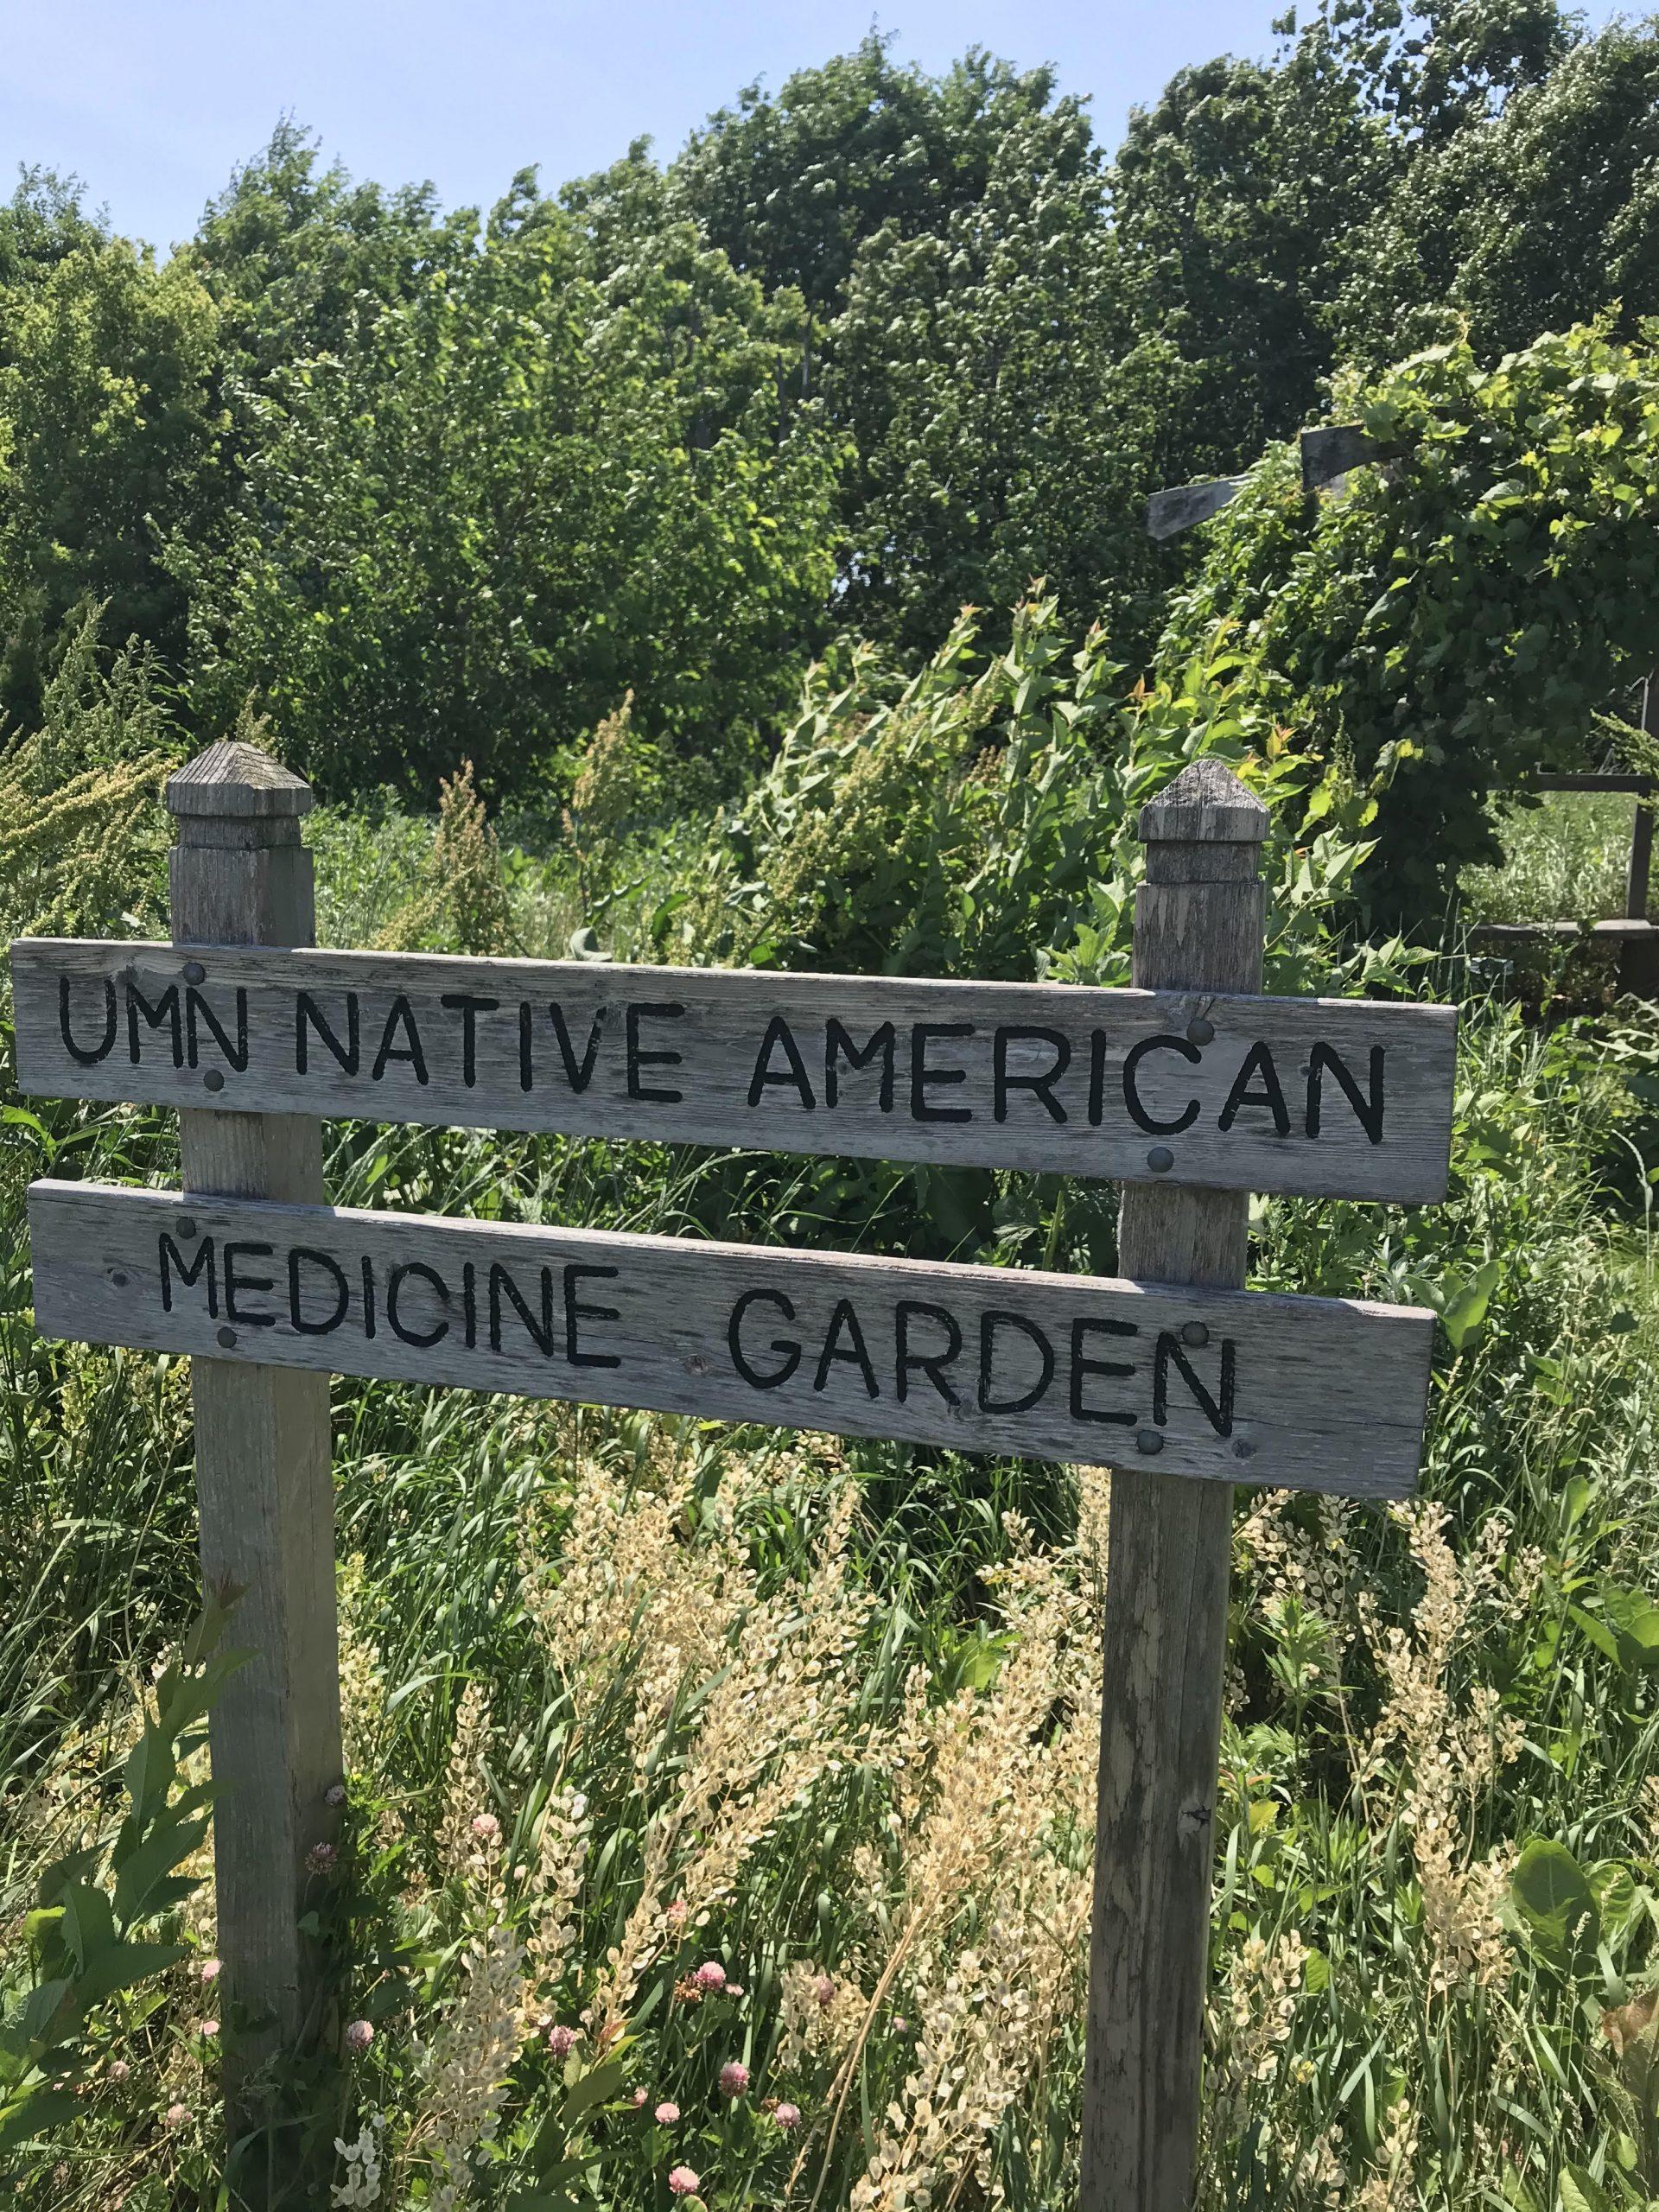 MN Native News: Who's Tending the Garden?